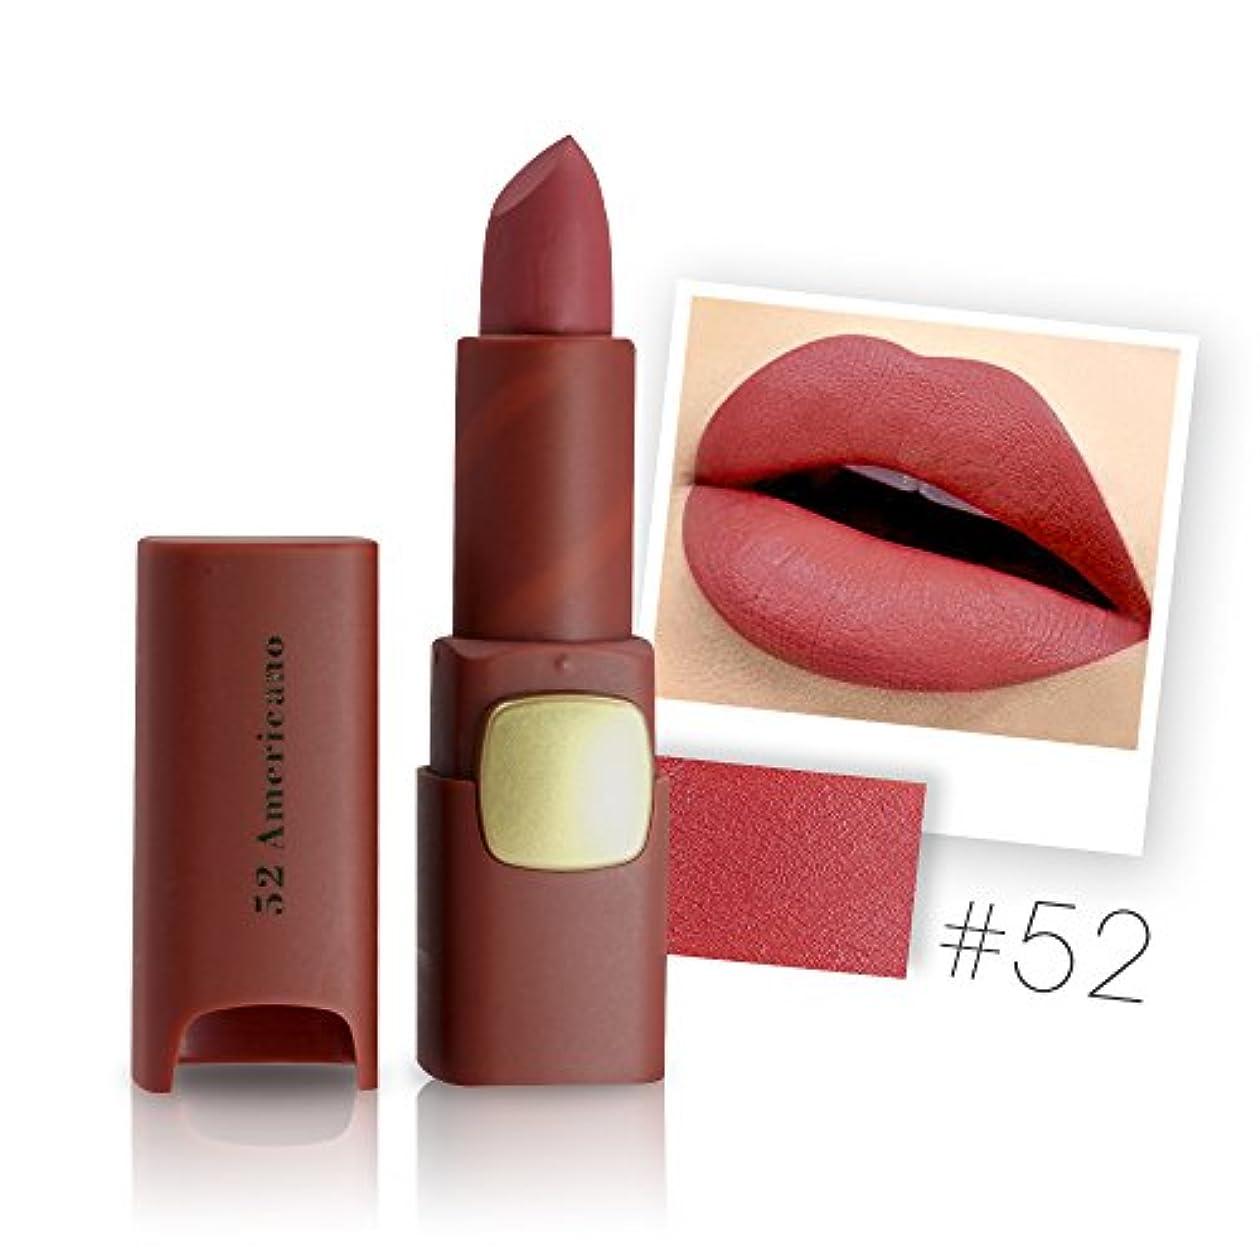 理解するこれら収益Miss Rose Brand Matte Lipstick Waterproof Lips Moisturizing Easy To Wear Makeup Lip Sticks Gloss Lipsticks Cosmetic